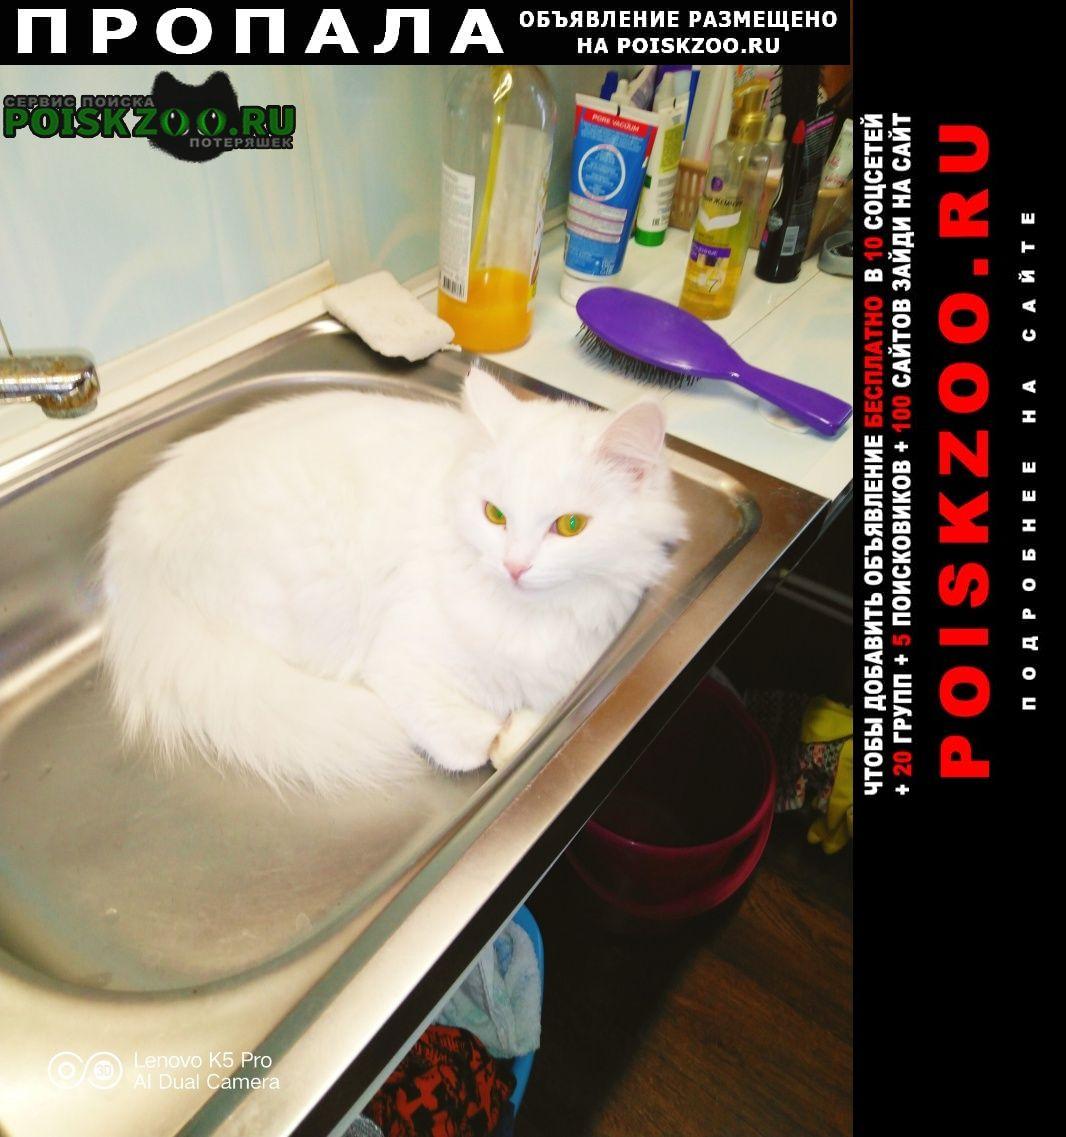 Екатеринбург Пропала кошка